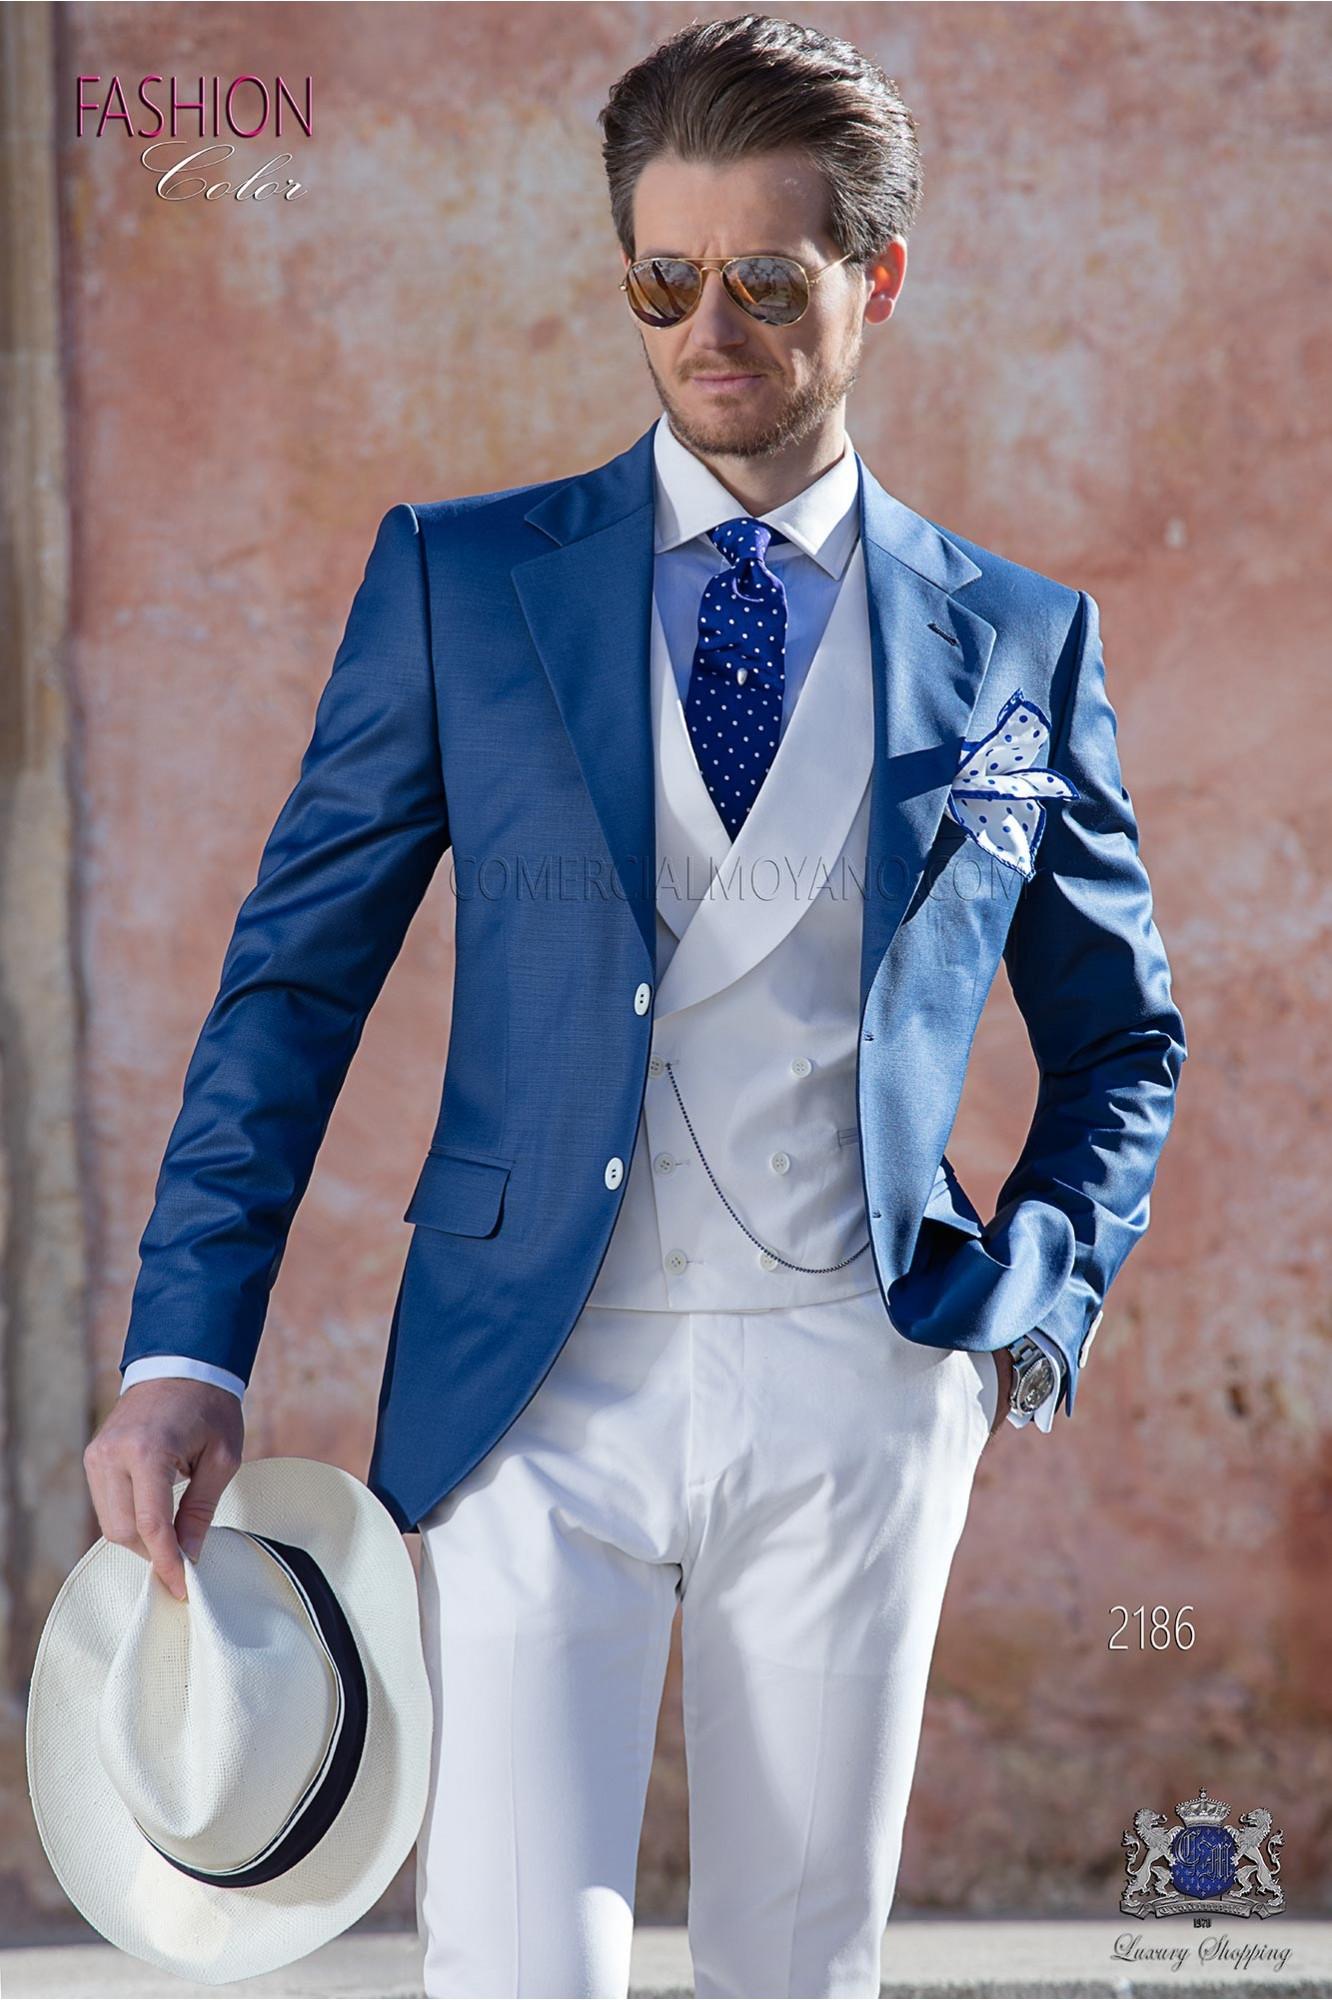 Traje de novio azul royal fresco lana con pantalón blanco